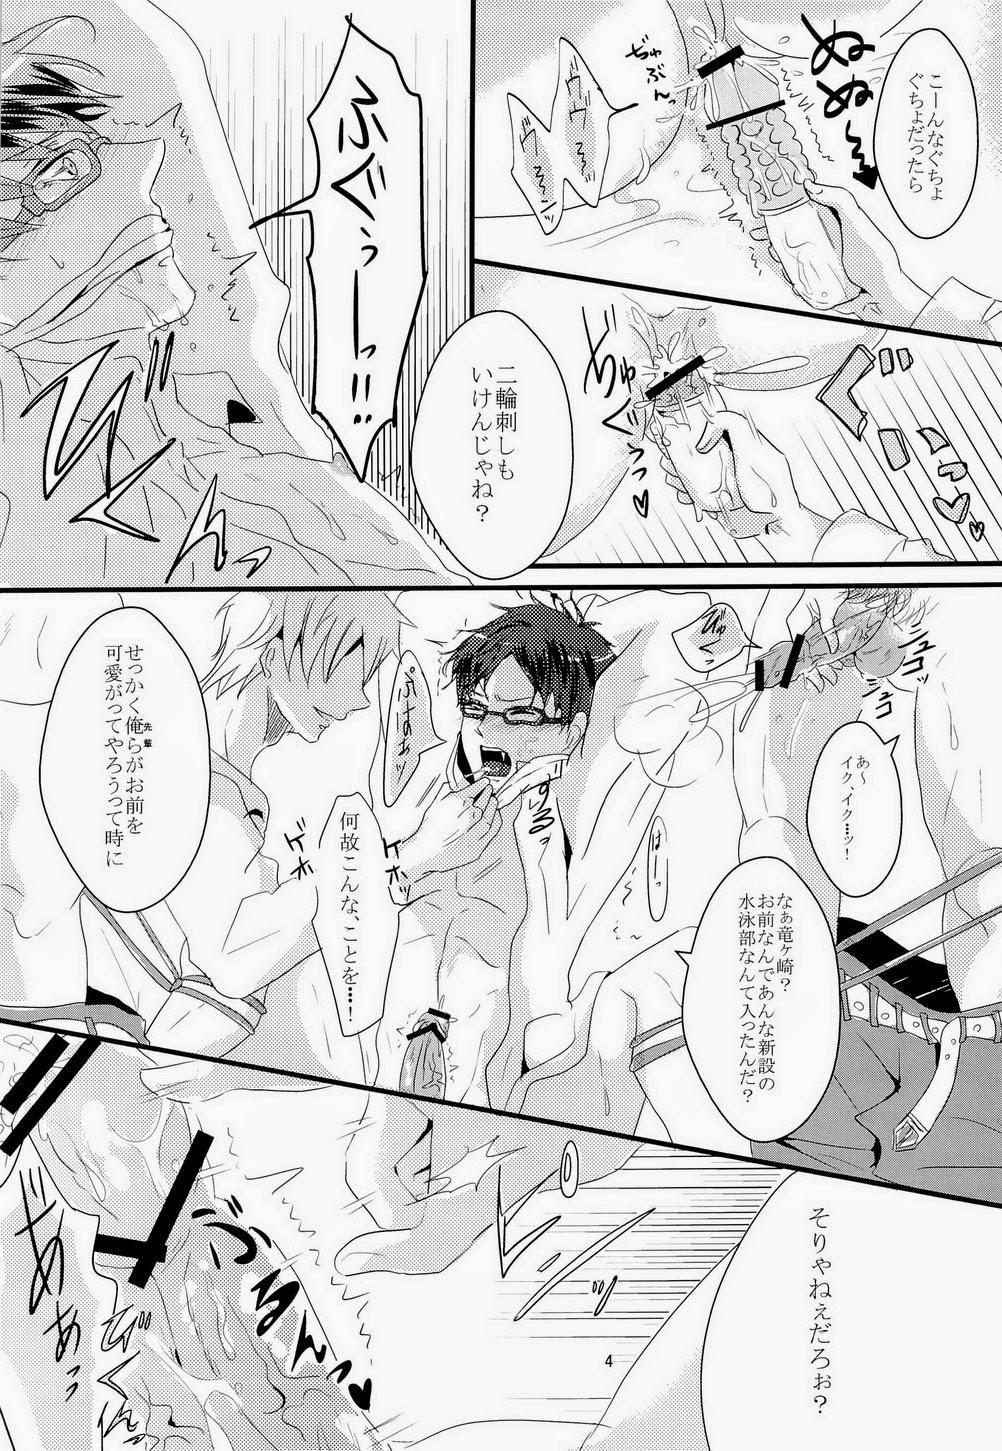 Rei-chan ga Rikujoubu no Senpai ni Okasareru Hanashi 3